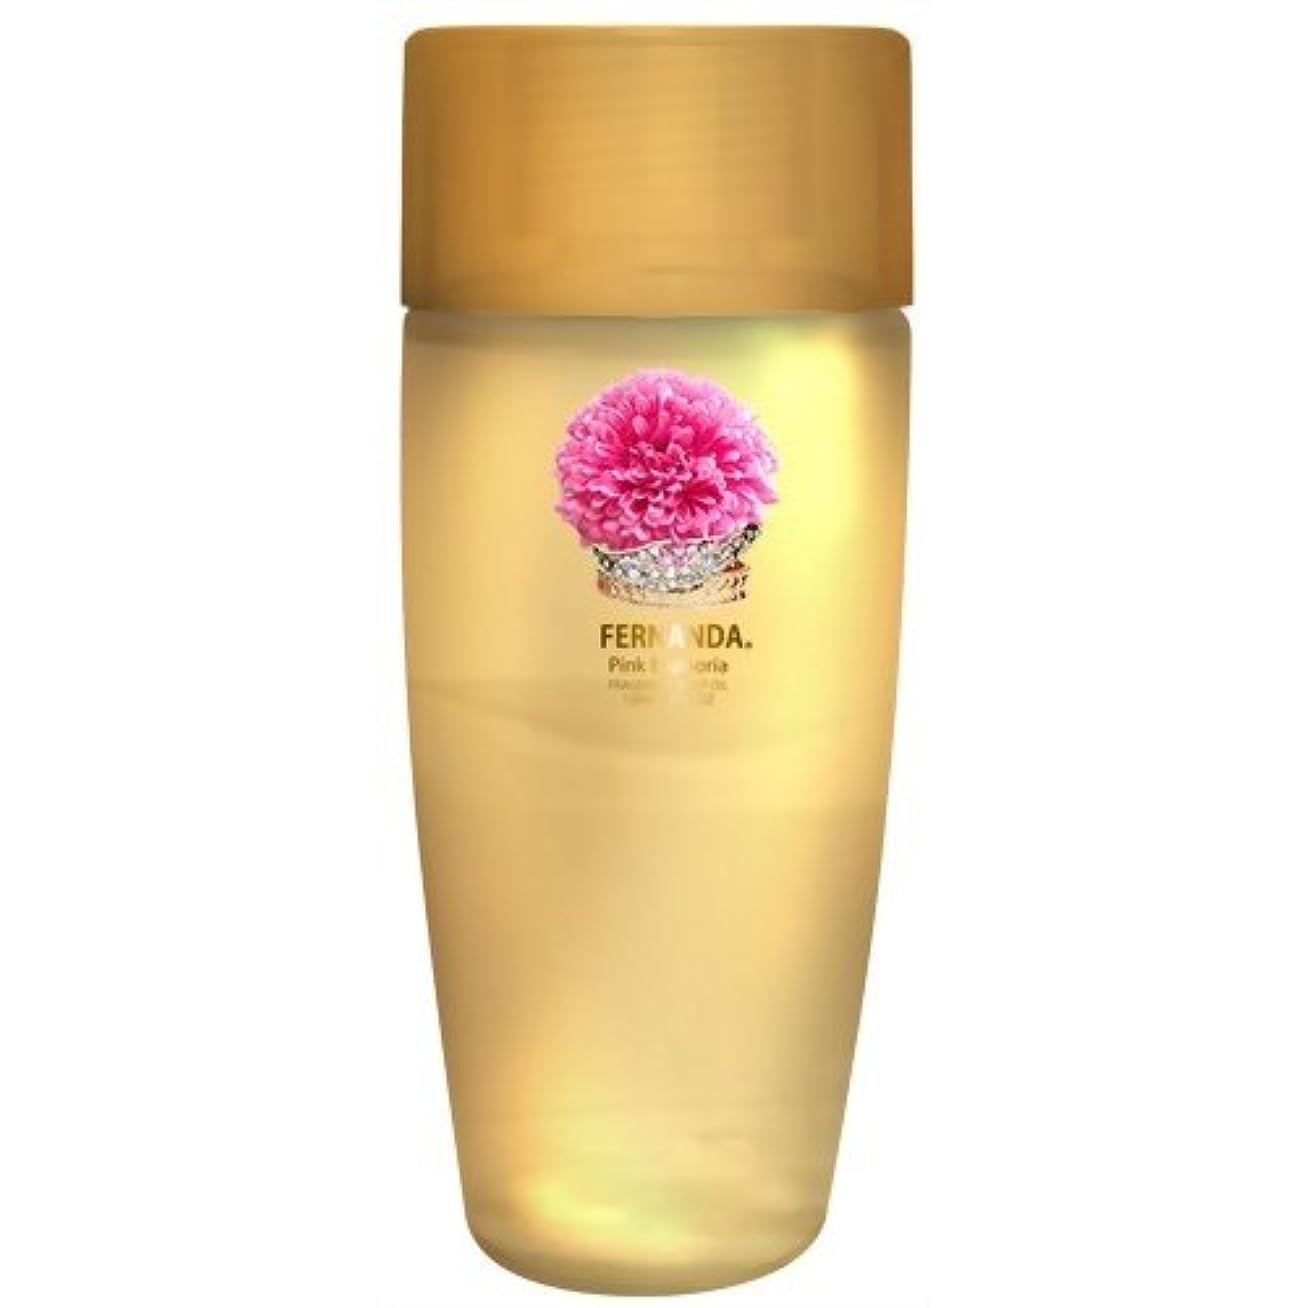 リストワーディアンケース幸運なFERNANDA(フェルナンダ) Body Oil Pink Euphoria (ボディ オイル ピンクエウフォリア)